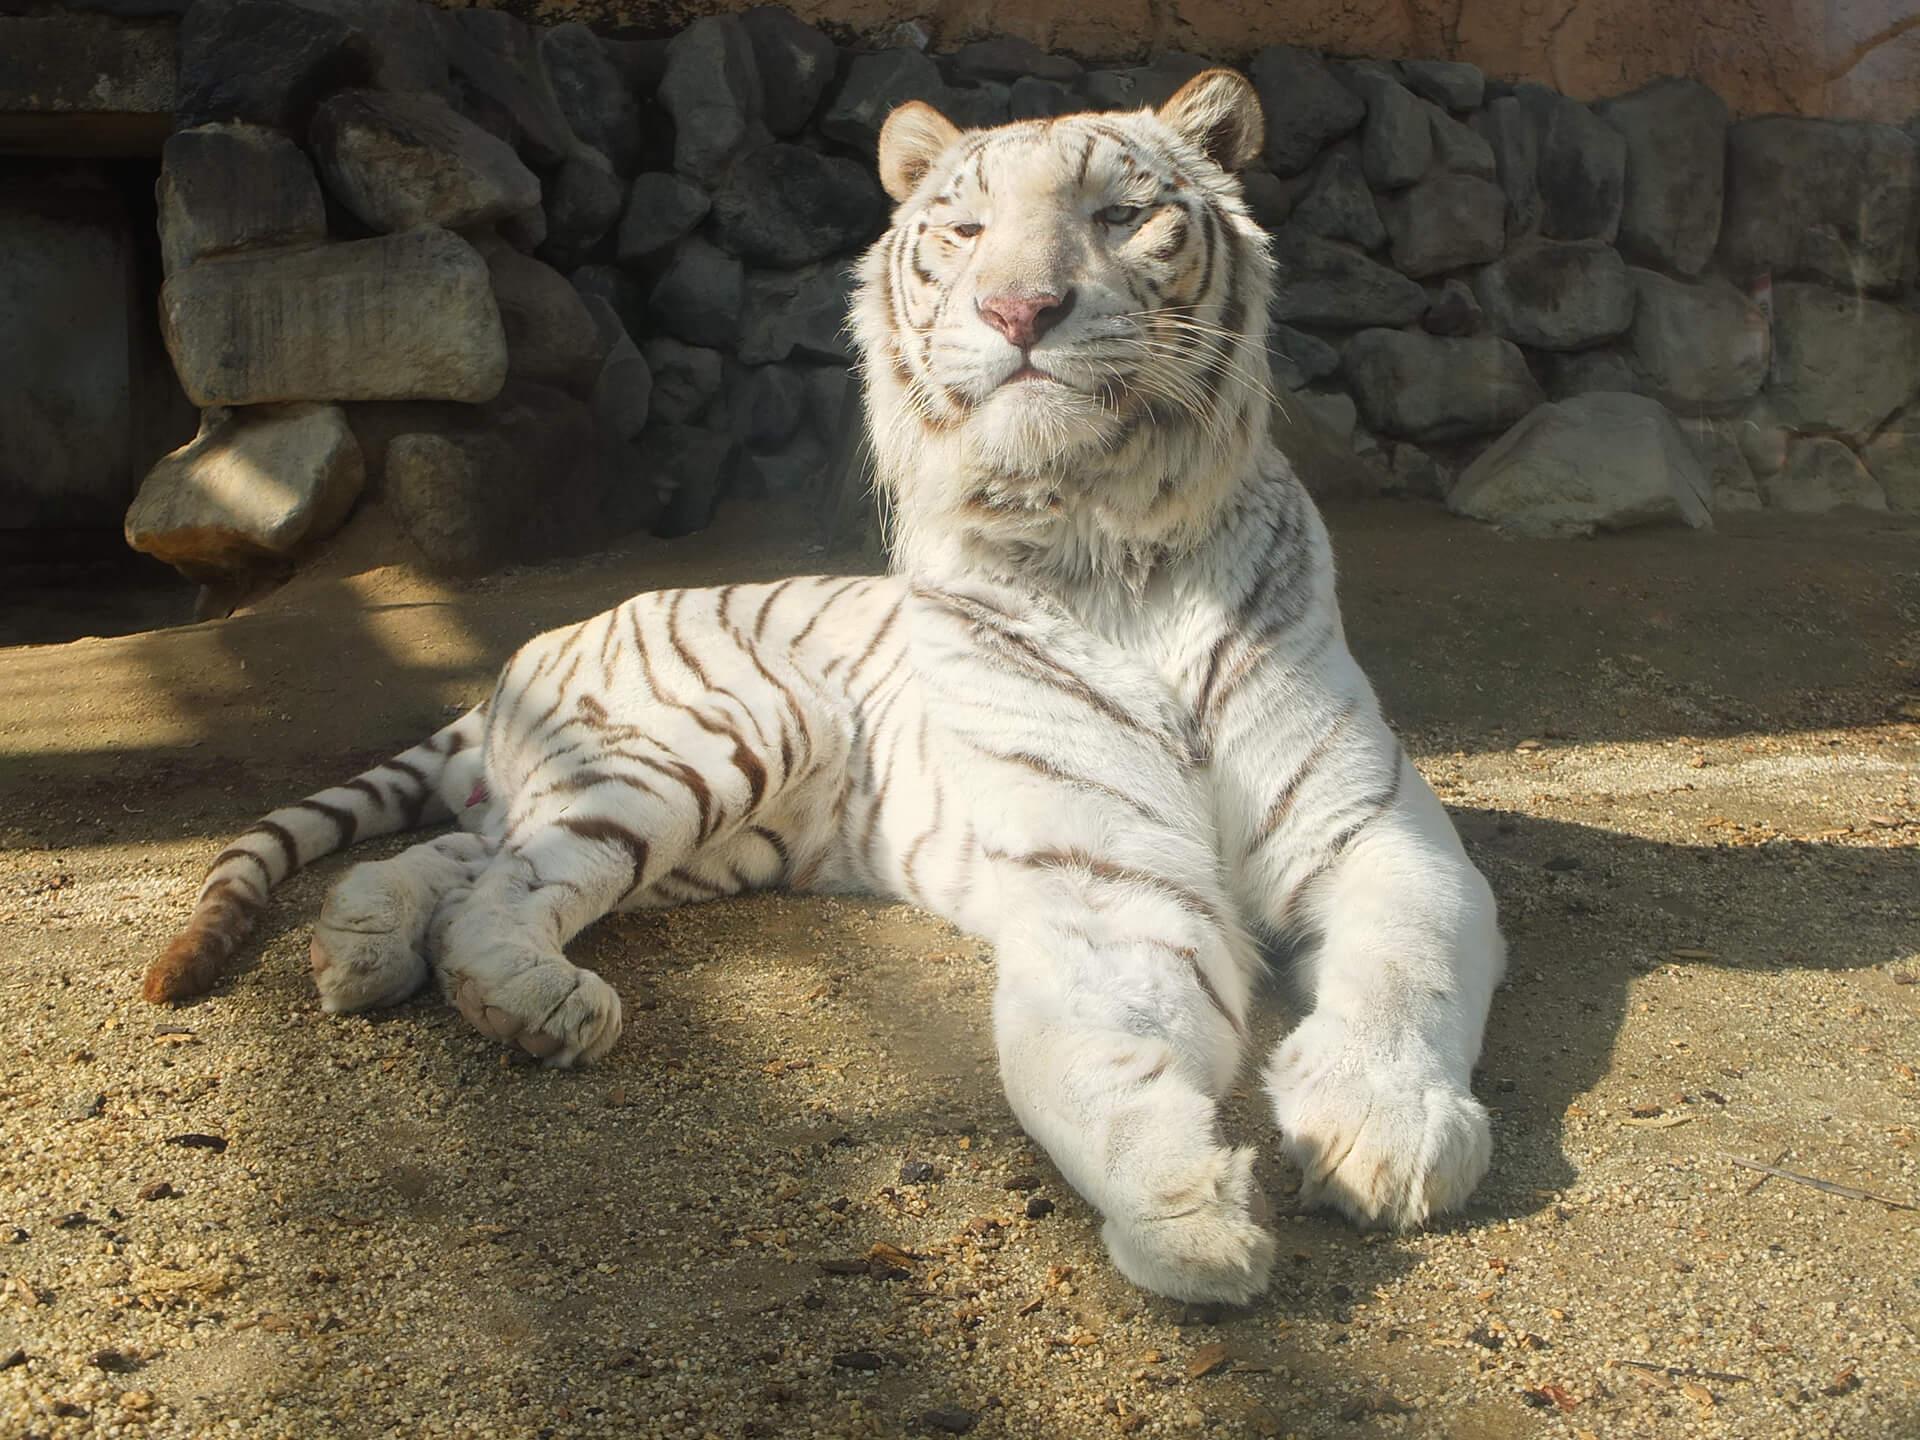 浦和レッズと東武動物公園のコラボチケットの、動物園側のイメージ。ホワイトタイガーがかしこまっている様子